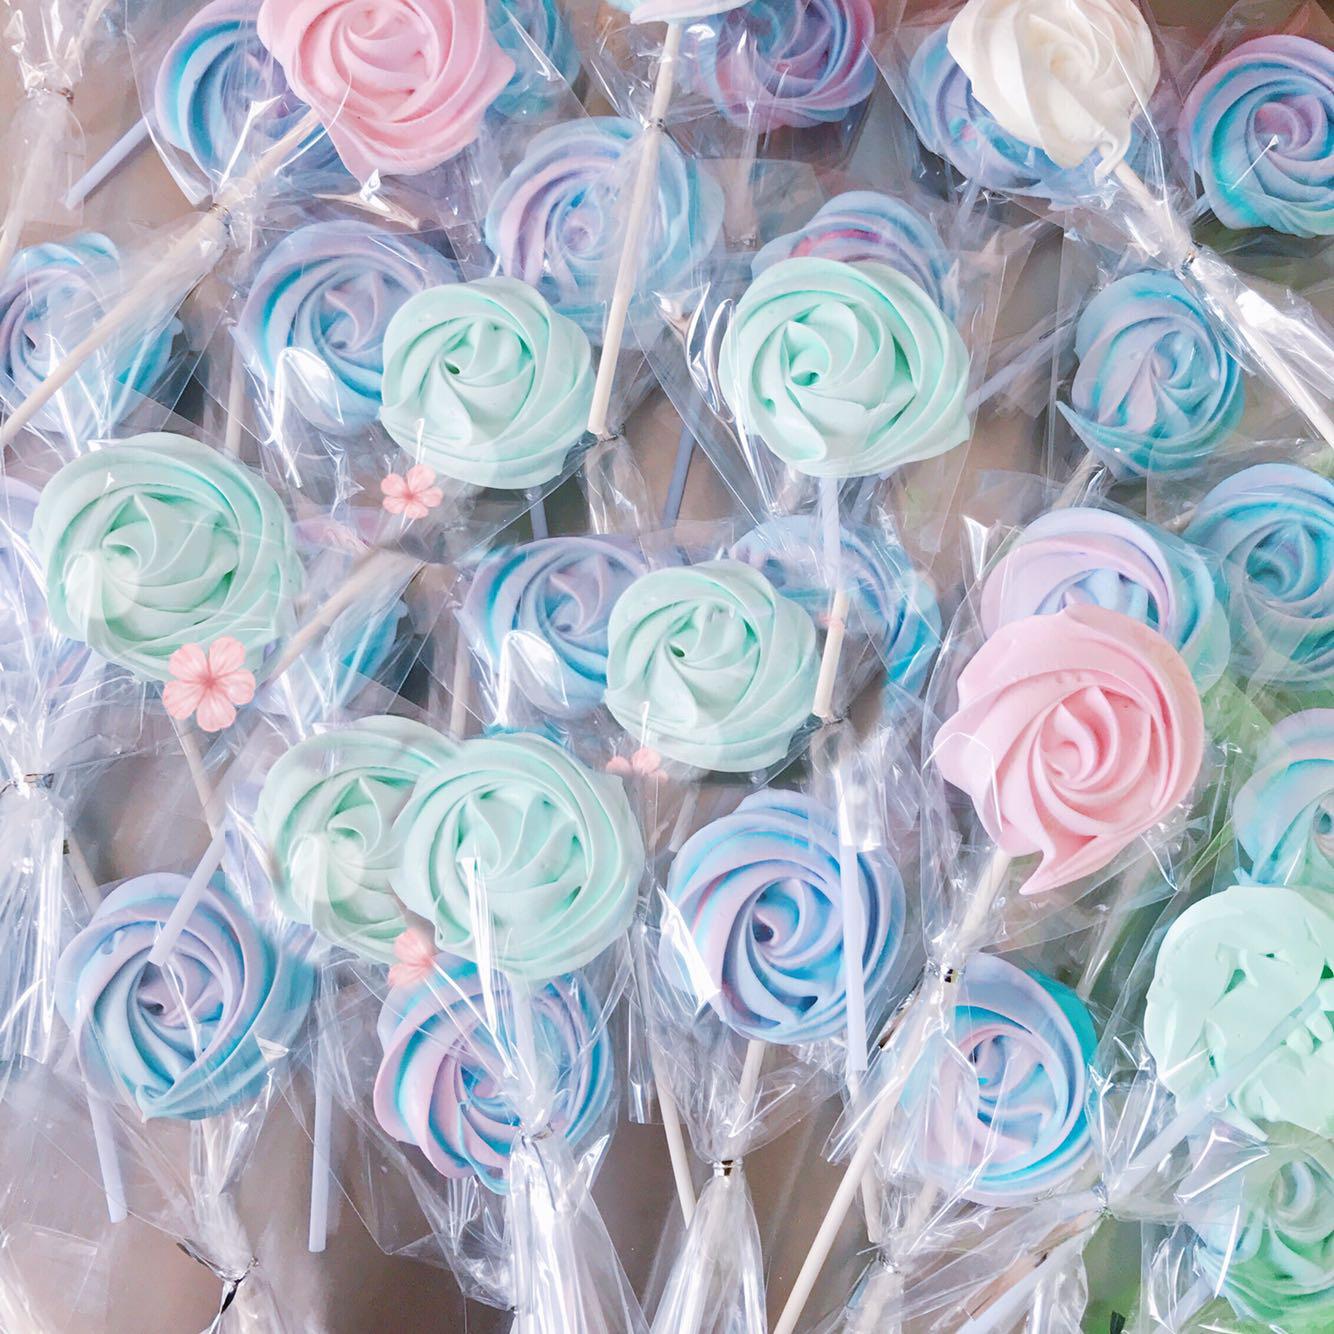 (用1元券)网红创意马林糖蛋白糖玫瑰形状蛋糕